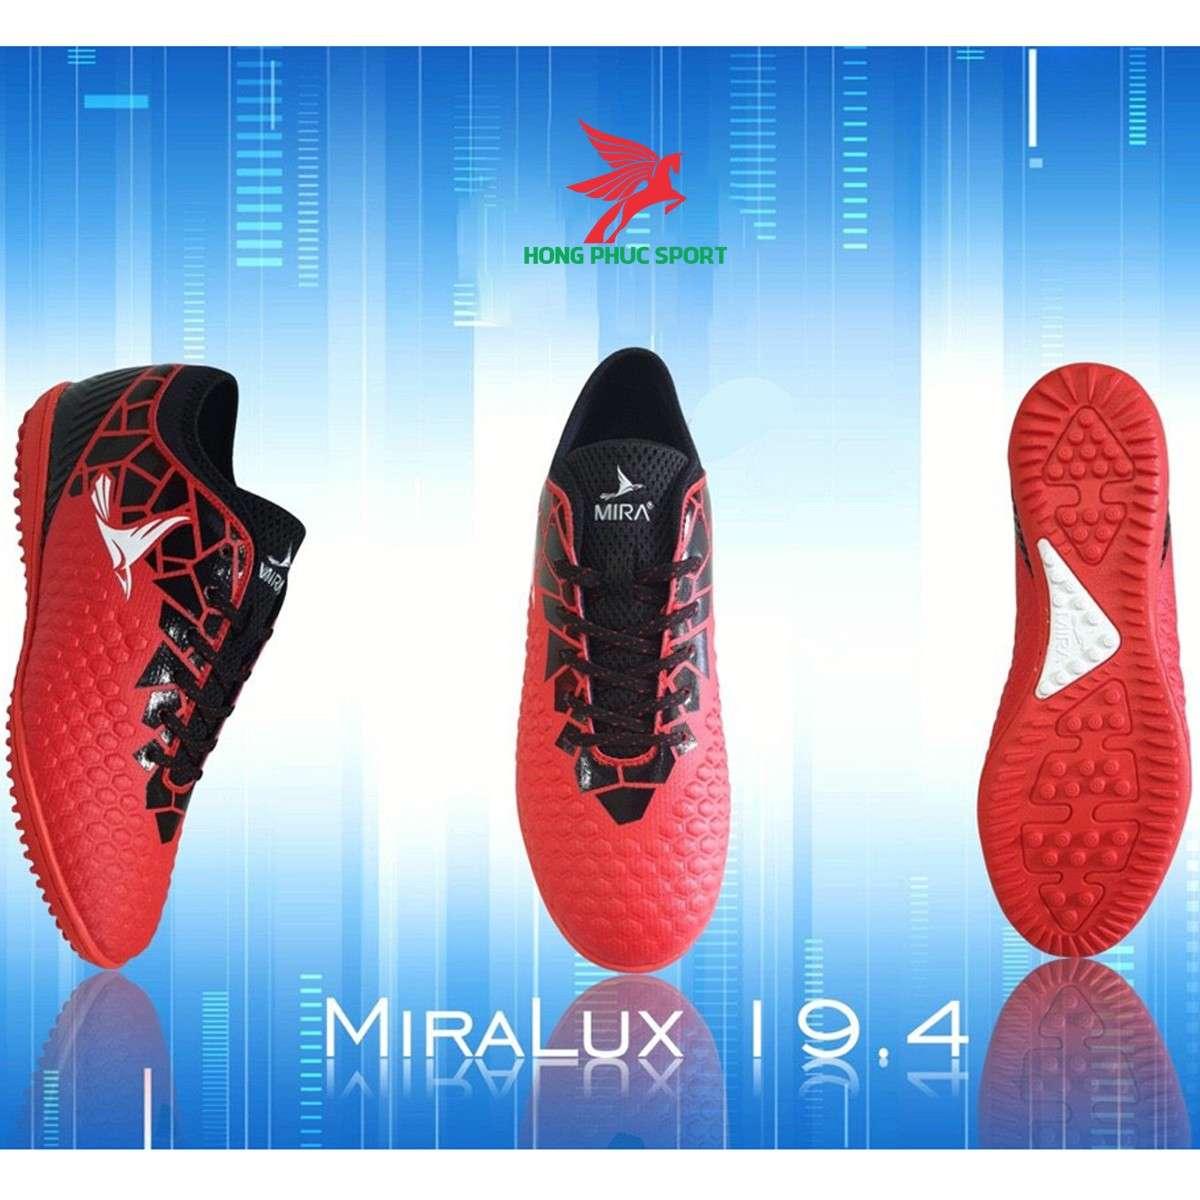 Giày đá bóng cổ cao Mira Lux 19.4 đỏ sân cỏ nhân tạo